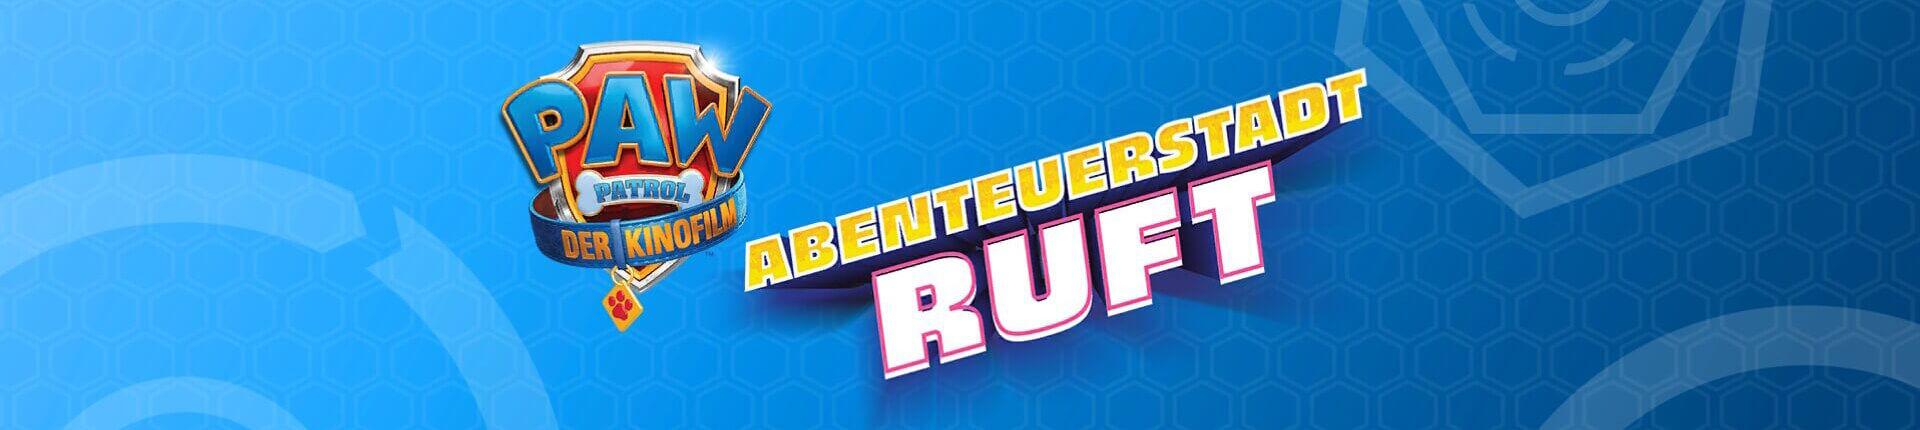 <a href='https://www.mightygamesmag.de/all-game-list/paw-patrol-der-kinofilm-abenteuerstadt-ruft/'>Zum Spiel</a>